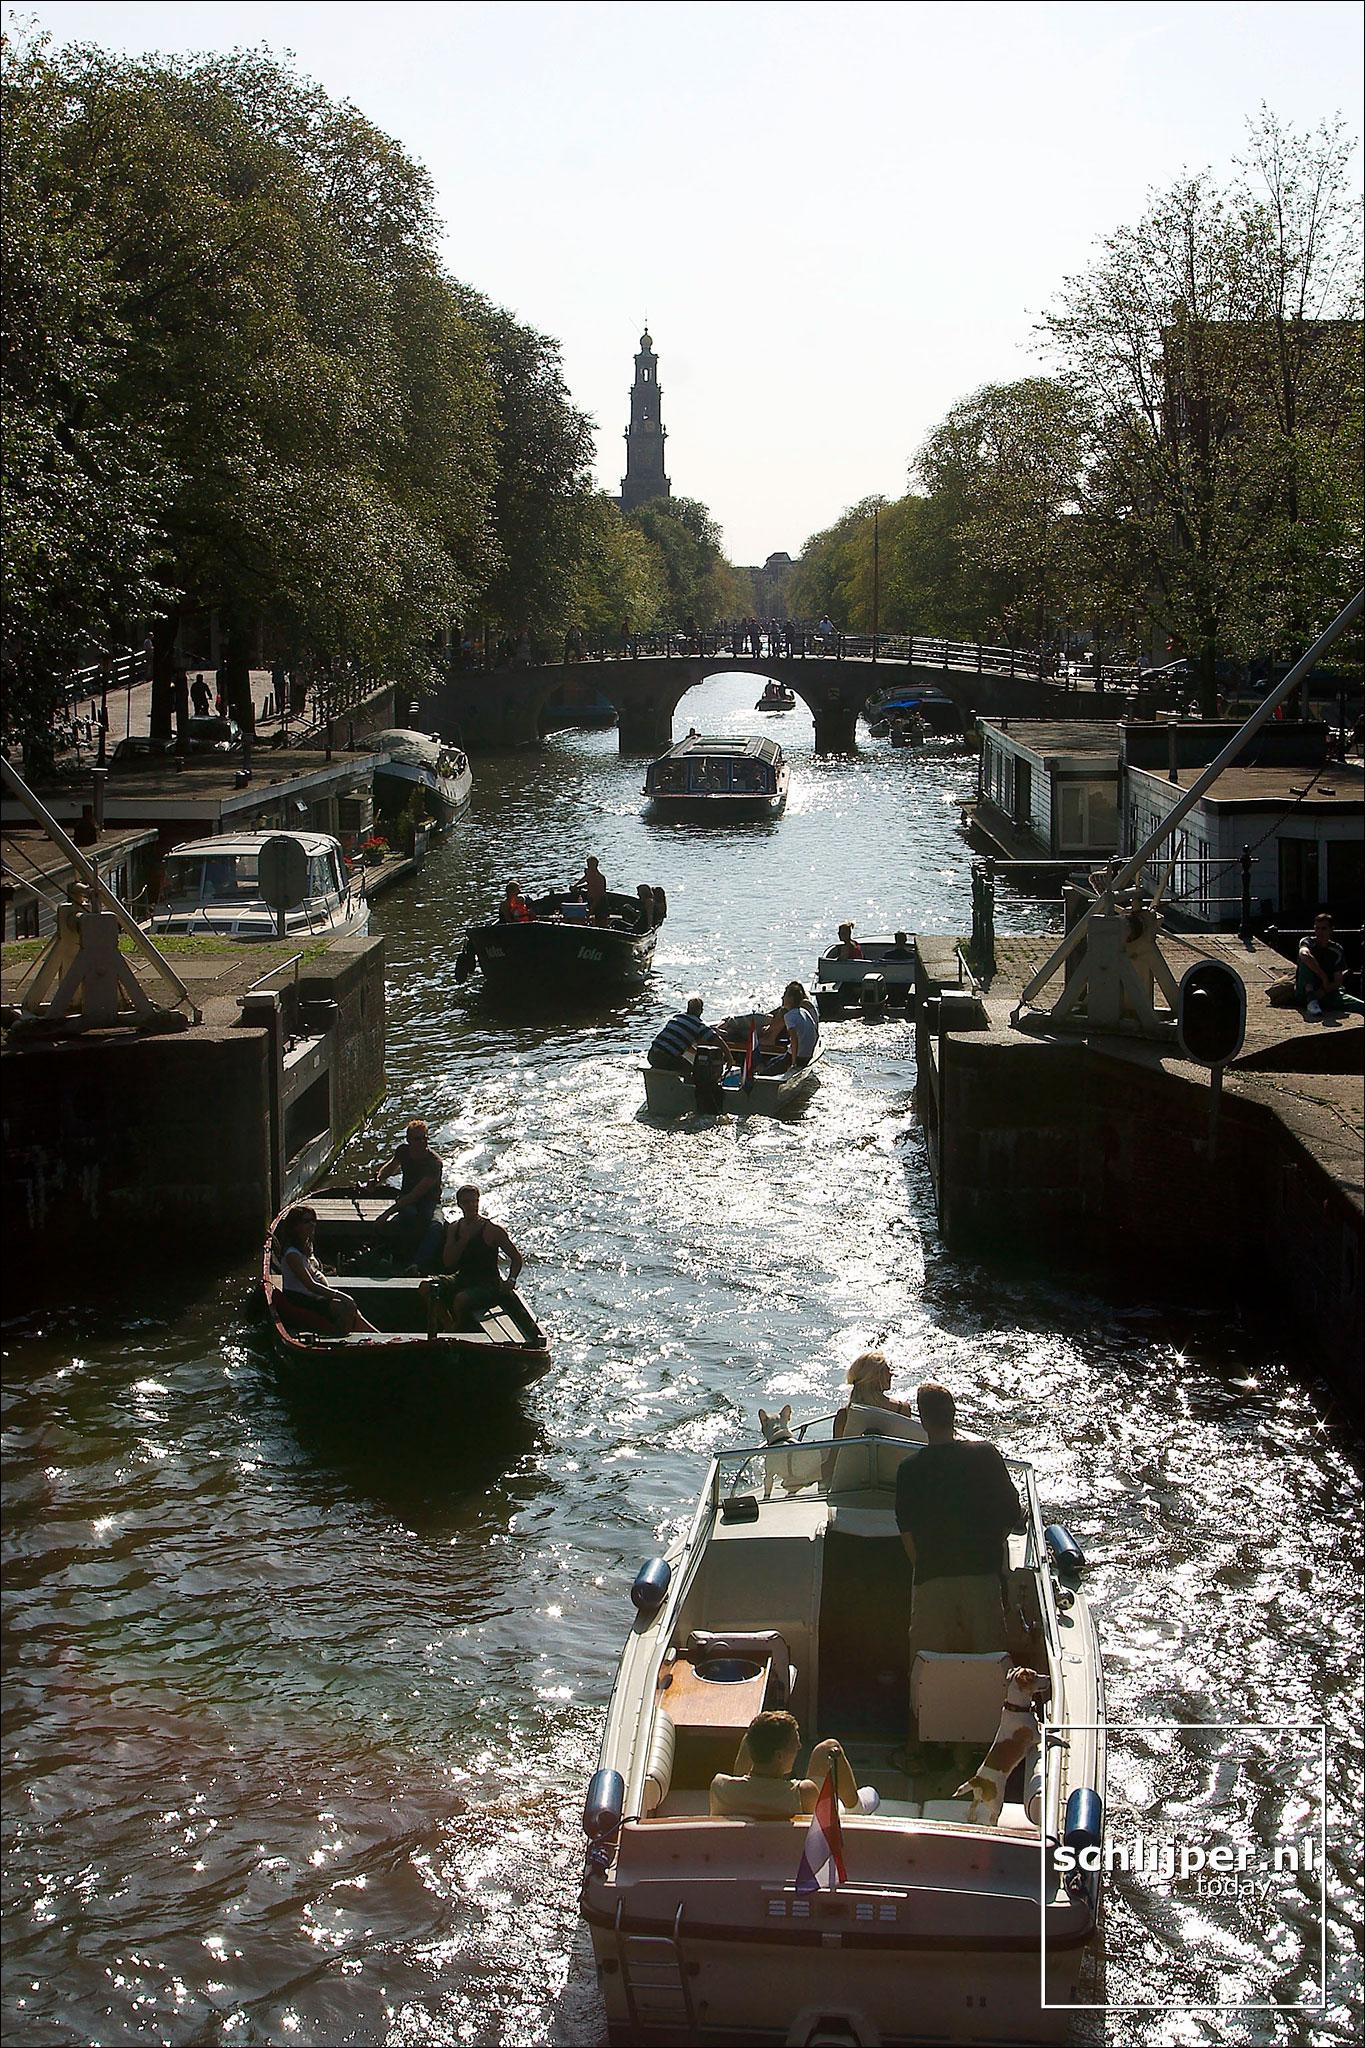 Nederland, Amsterdam, 21 september 2003